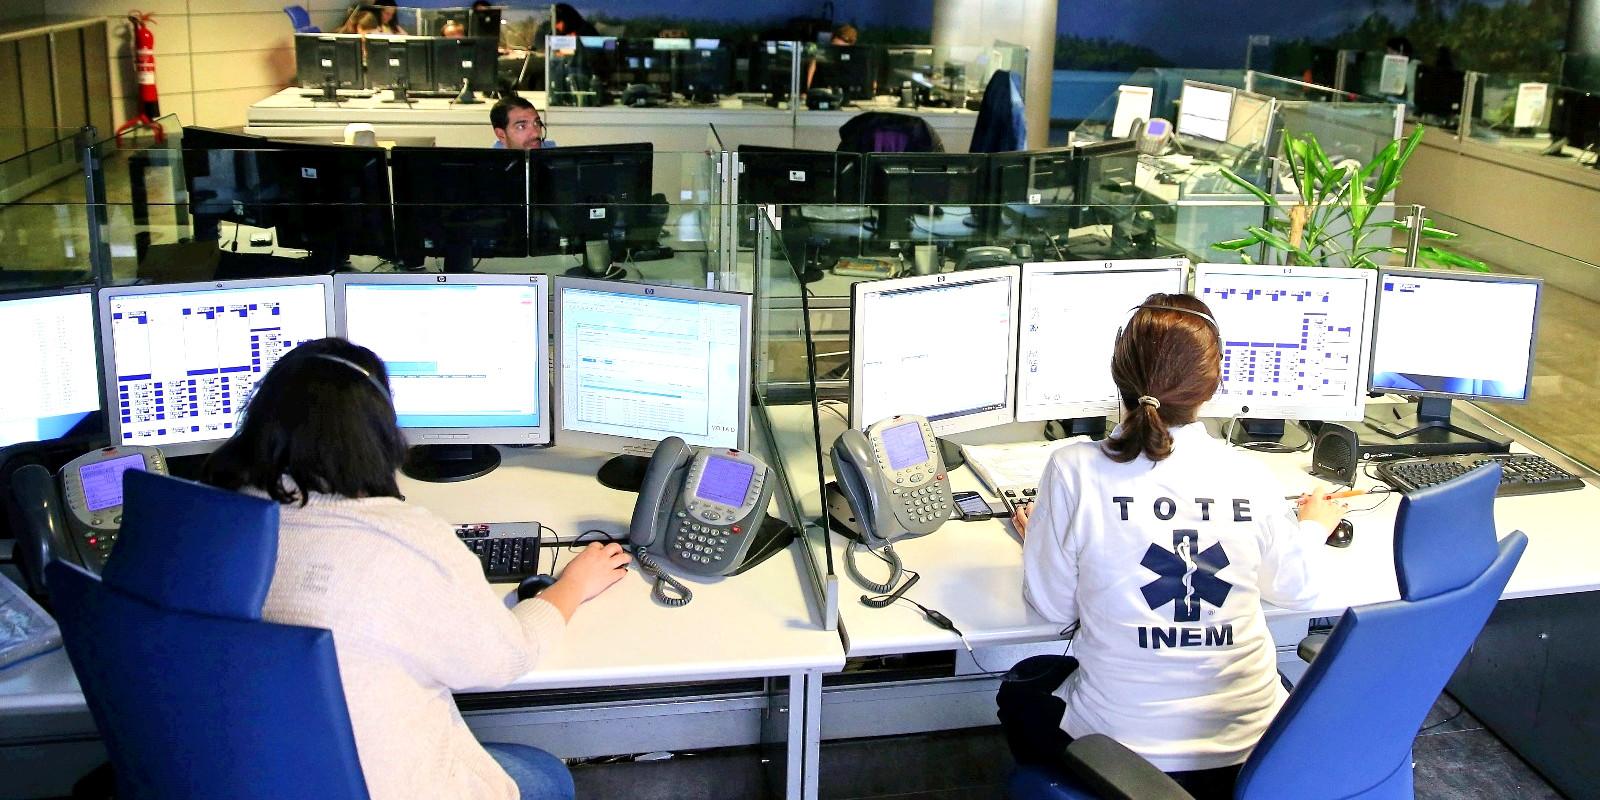 Portugal disponibiliza emergência 112 para surdos através de SMS e videoconferência